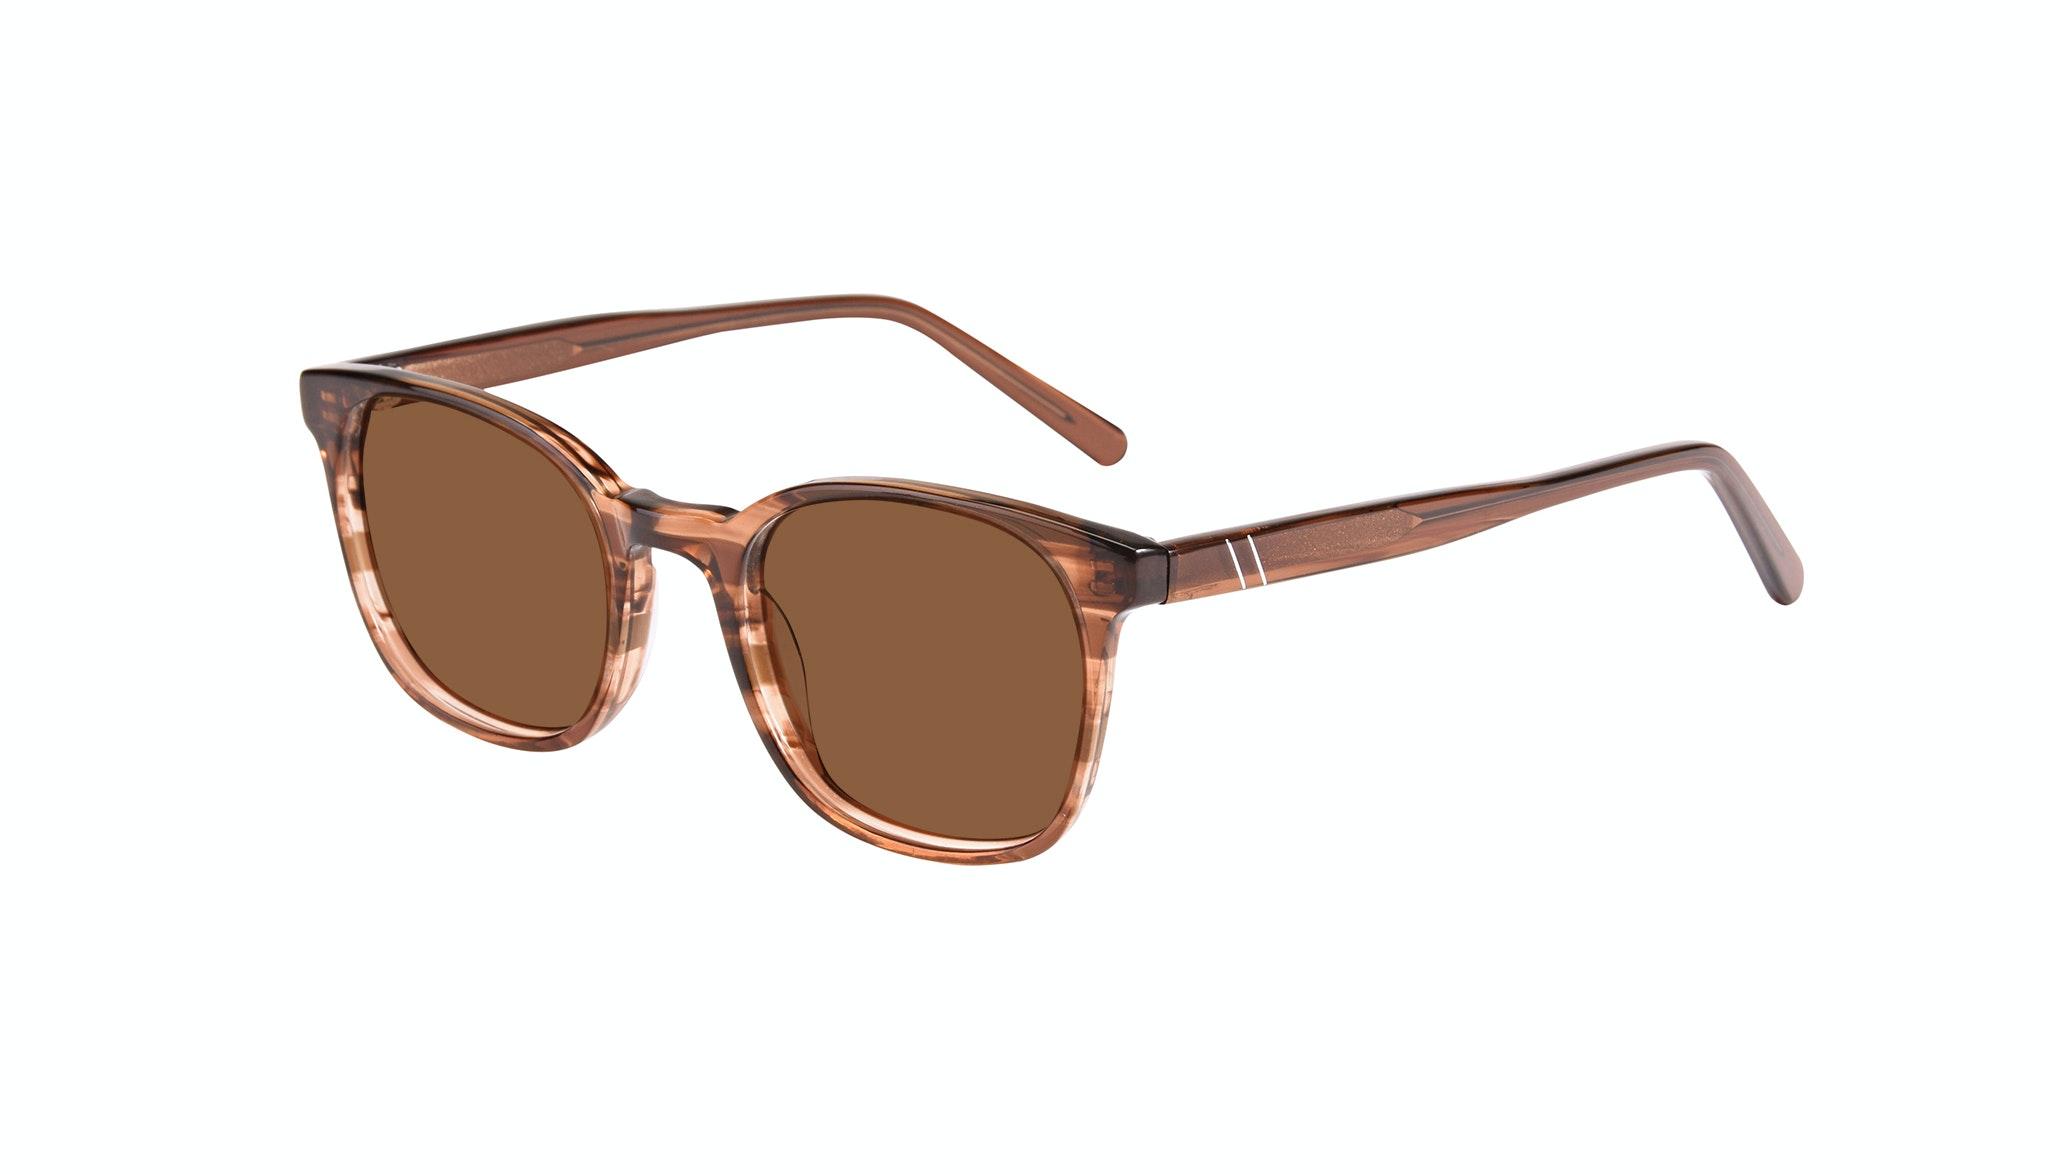 Affordable Fashion Glasses Rectangle Square Sunglasses Men Peak Wood Tilt